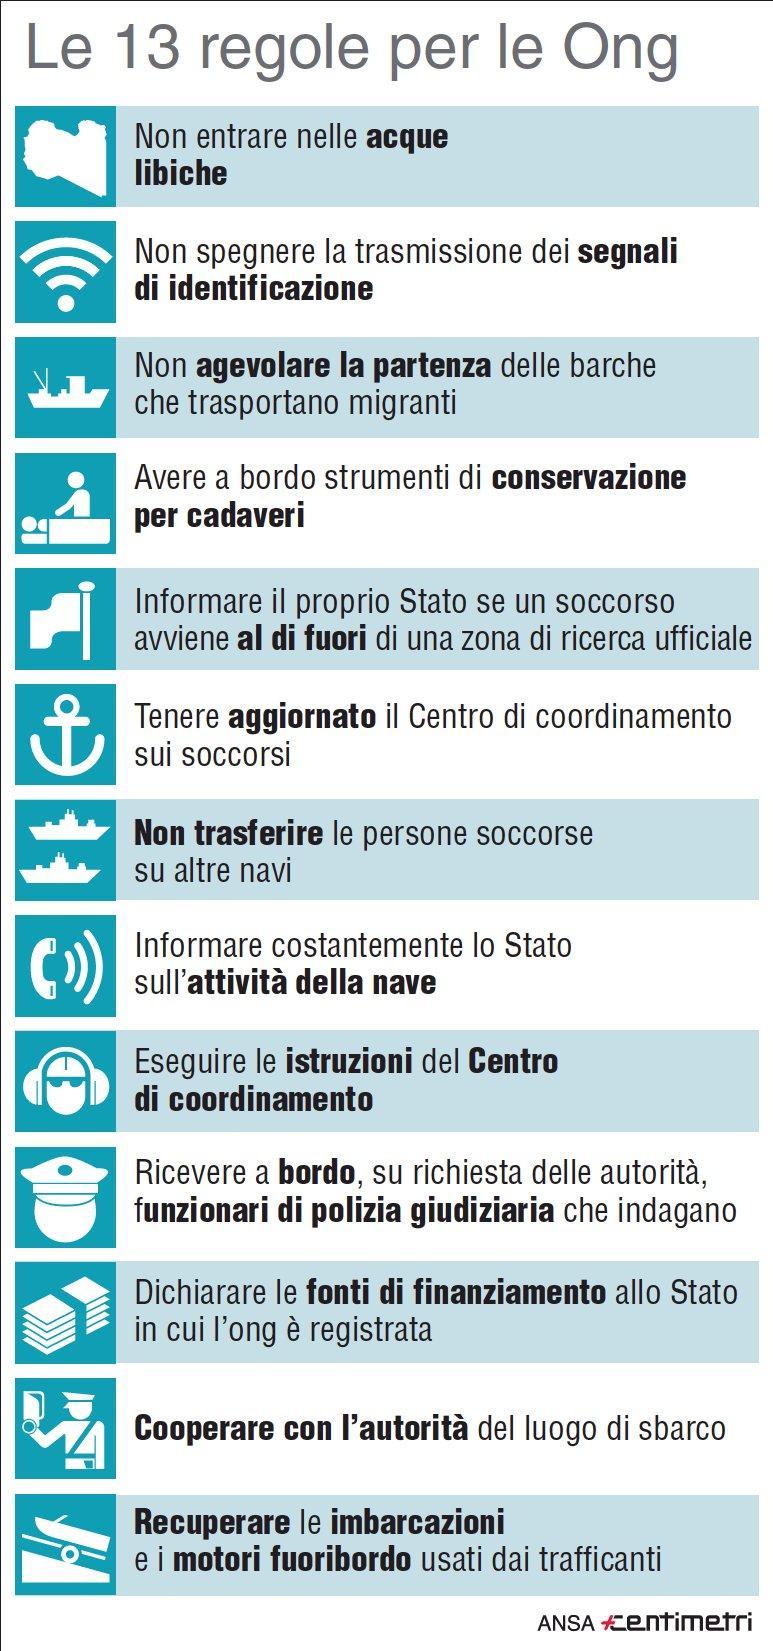 Codice di condotta, 13 regole per le Ong